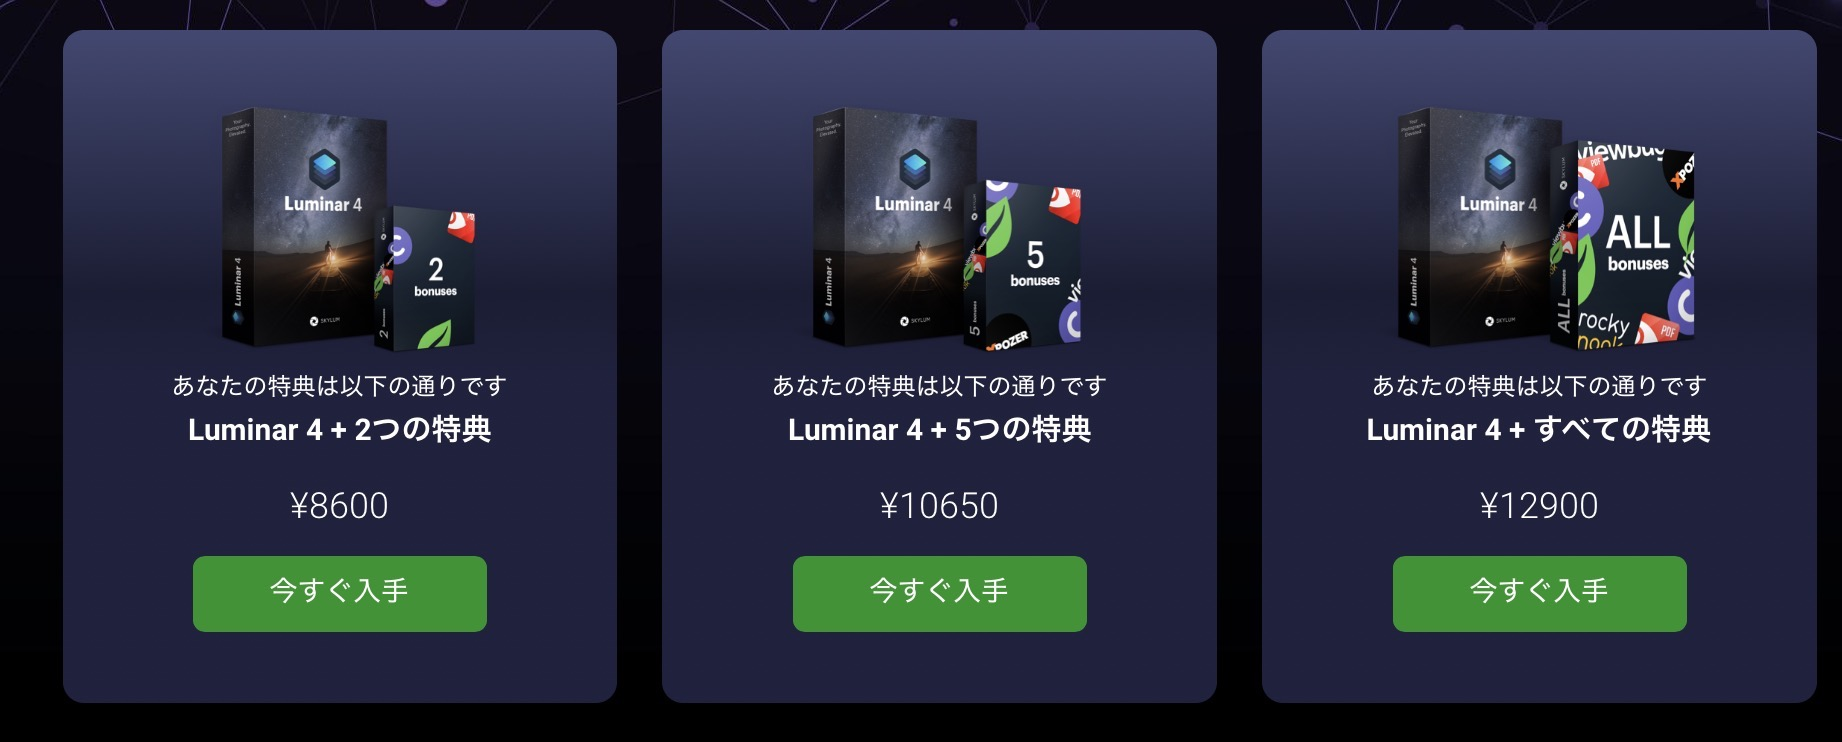 bcbaf37c701f0d2e2f4213c5b36c9d8d 3 - (終了)Luminar 4スペシャルセットが購入できる、サイバーマンデーセールが延長